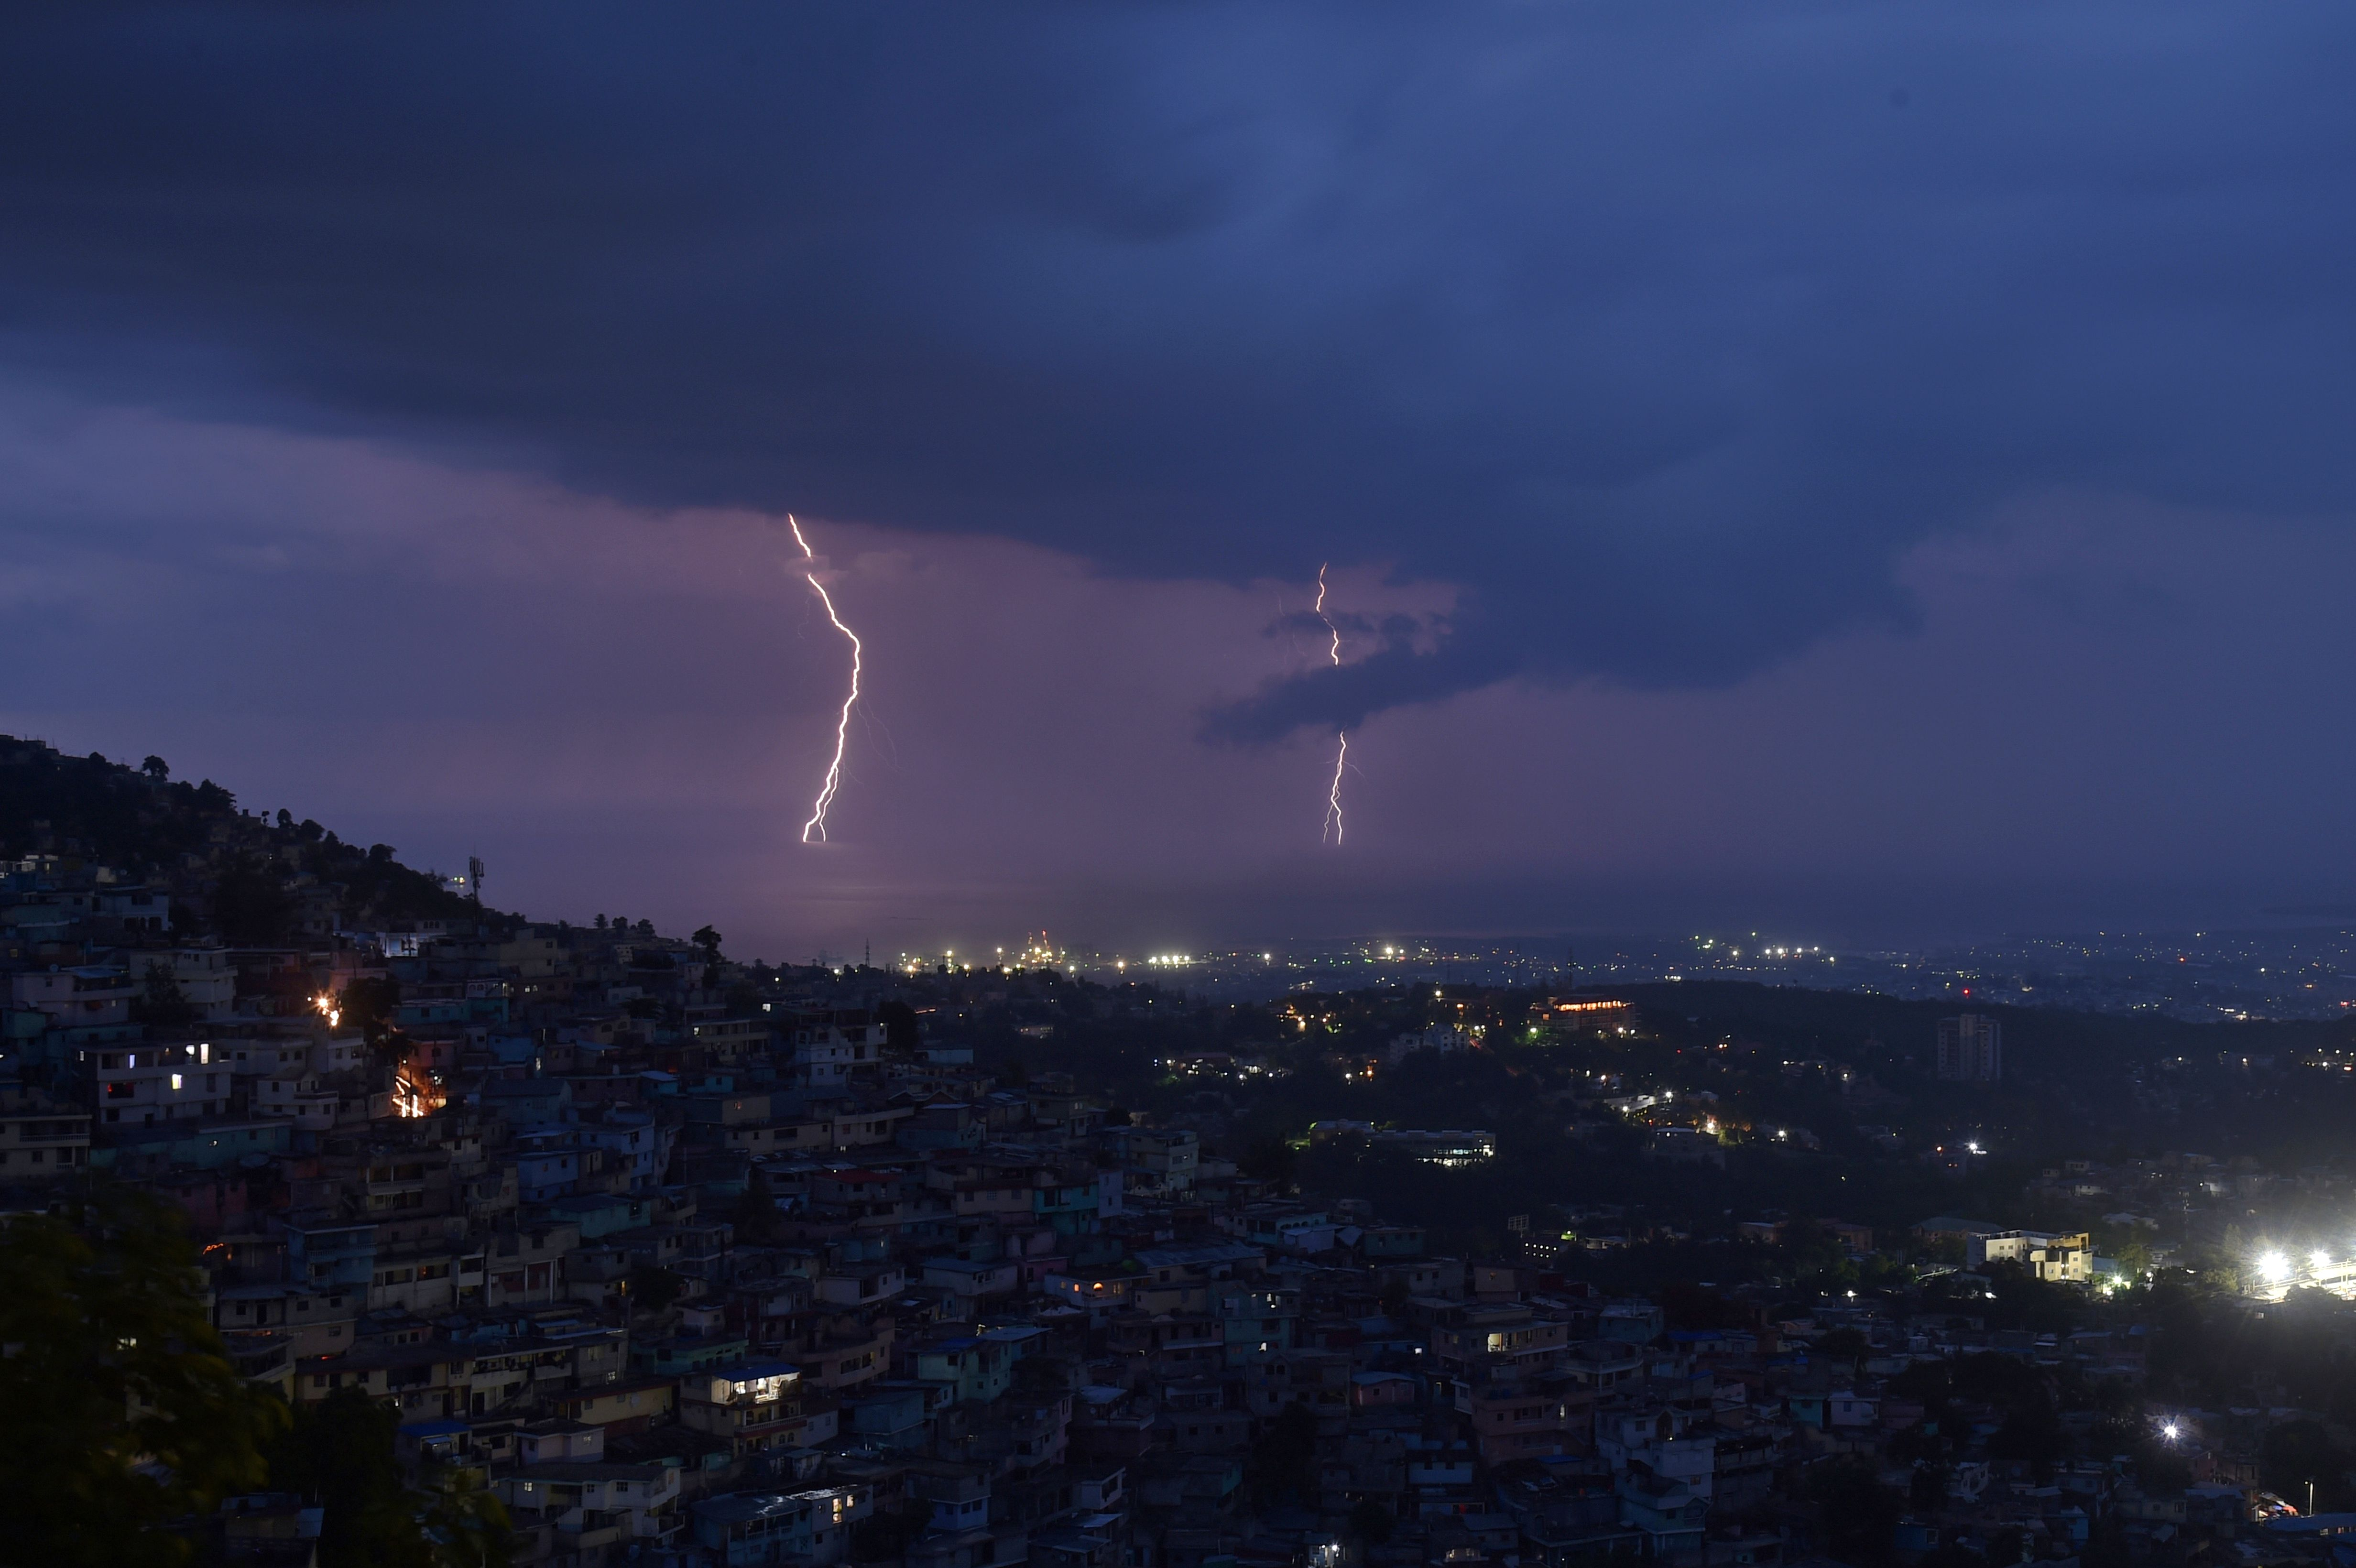 البرق فى عاصمة هايتى